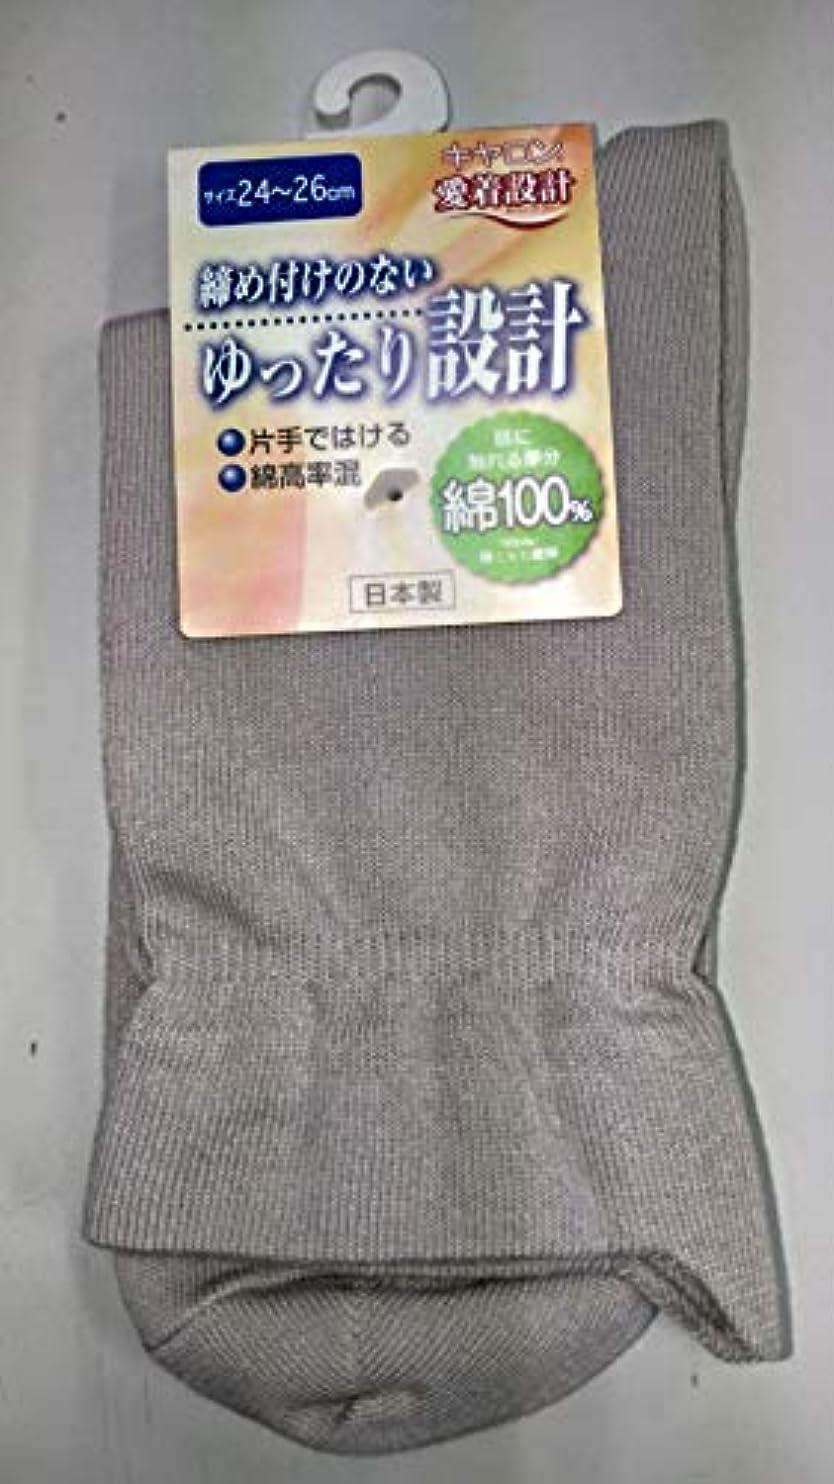 永久歩くアラブサラボキャロン 紳士 靴下 片手ではける ゆったり設計 しめつけない 綿100% カタクラ (ベージュ)